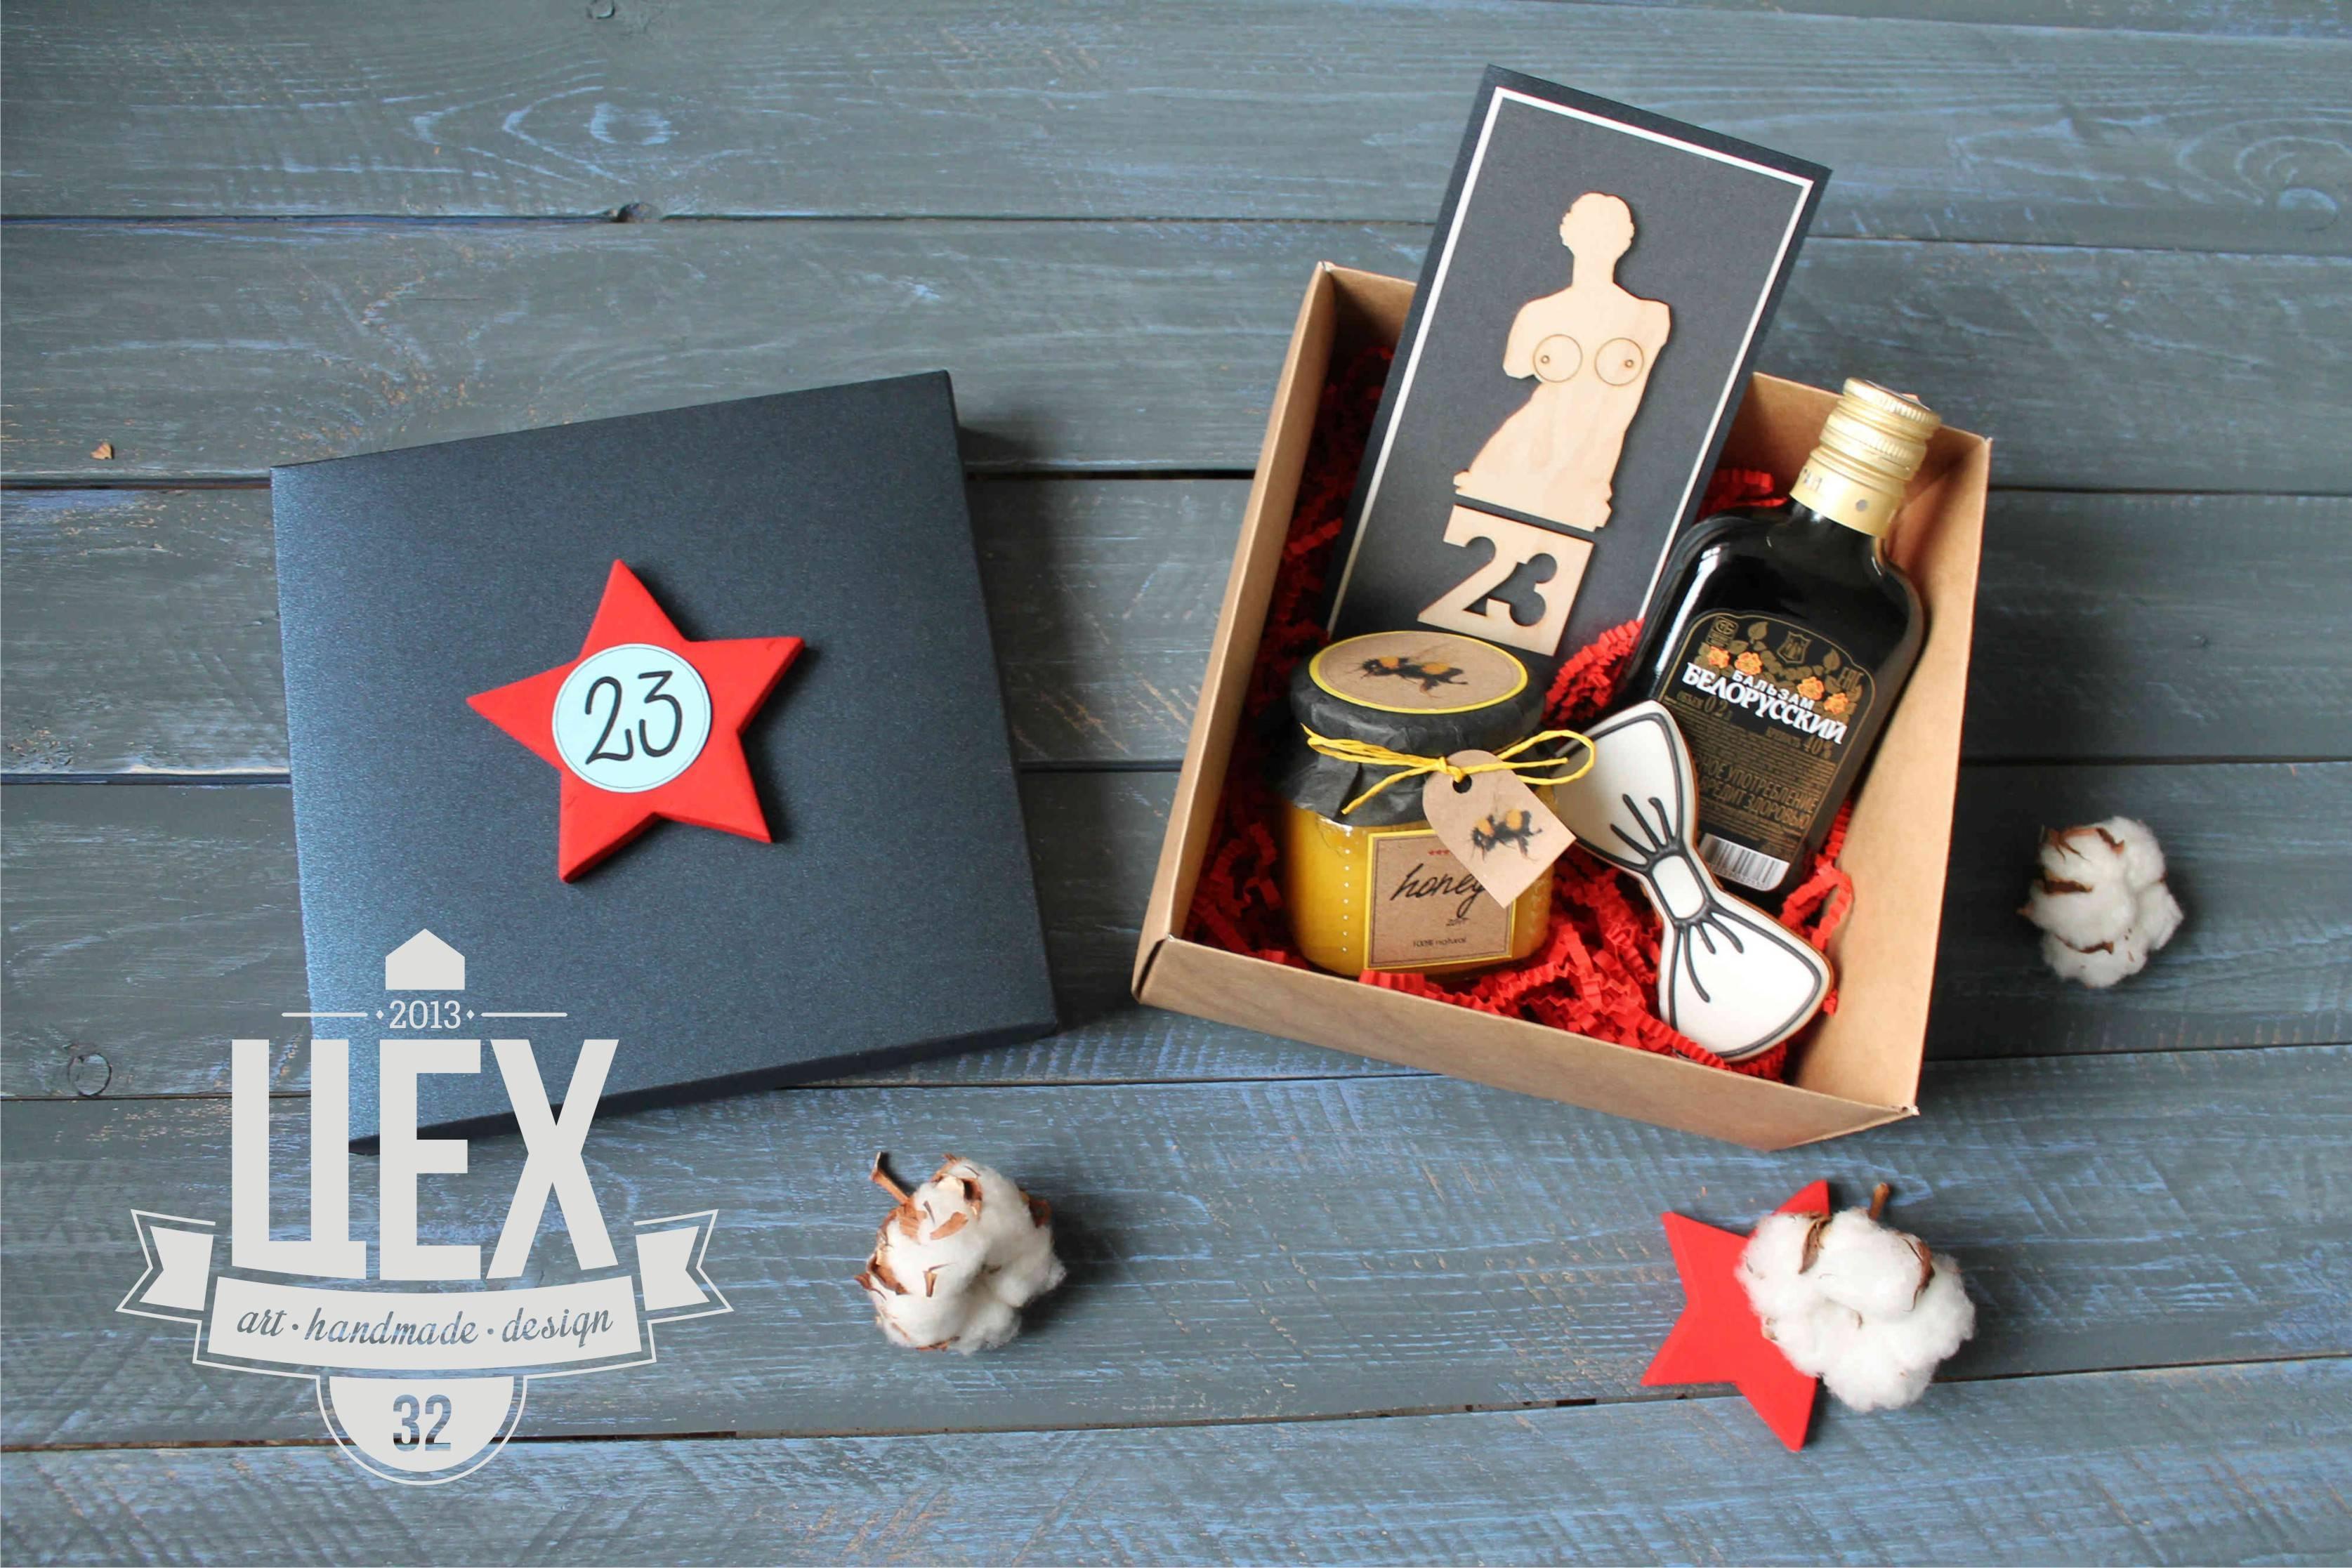 Что подарить другу на 23 февраля: серьезный и креативный подход к выбору подарка для близкого человека